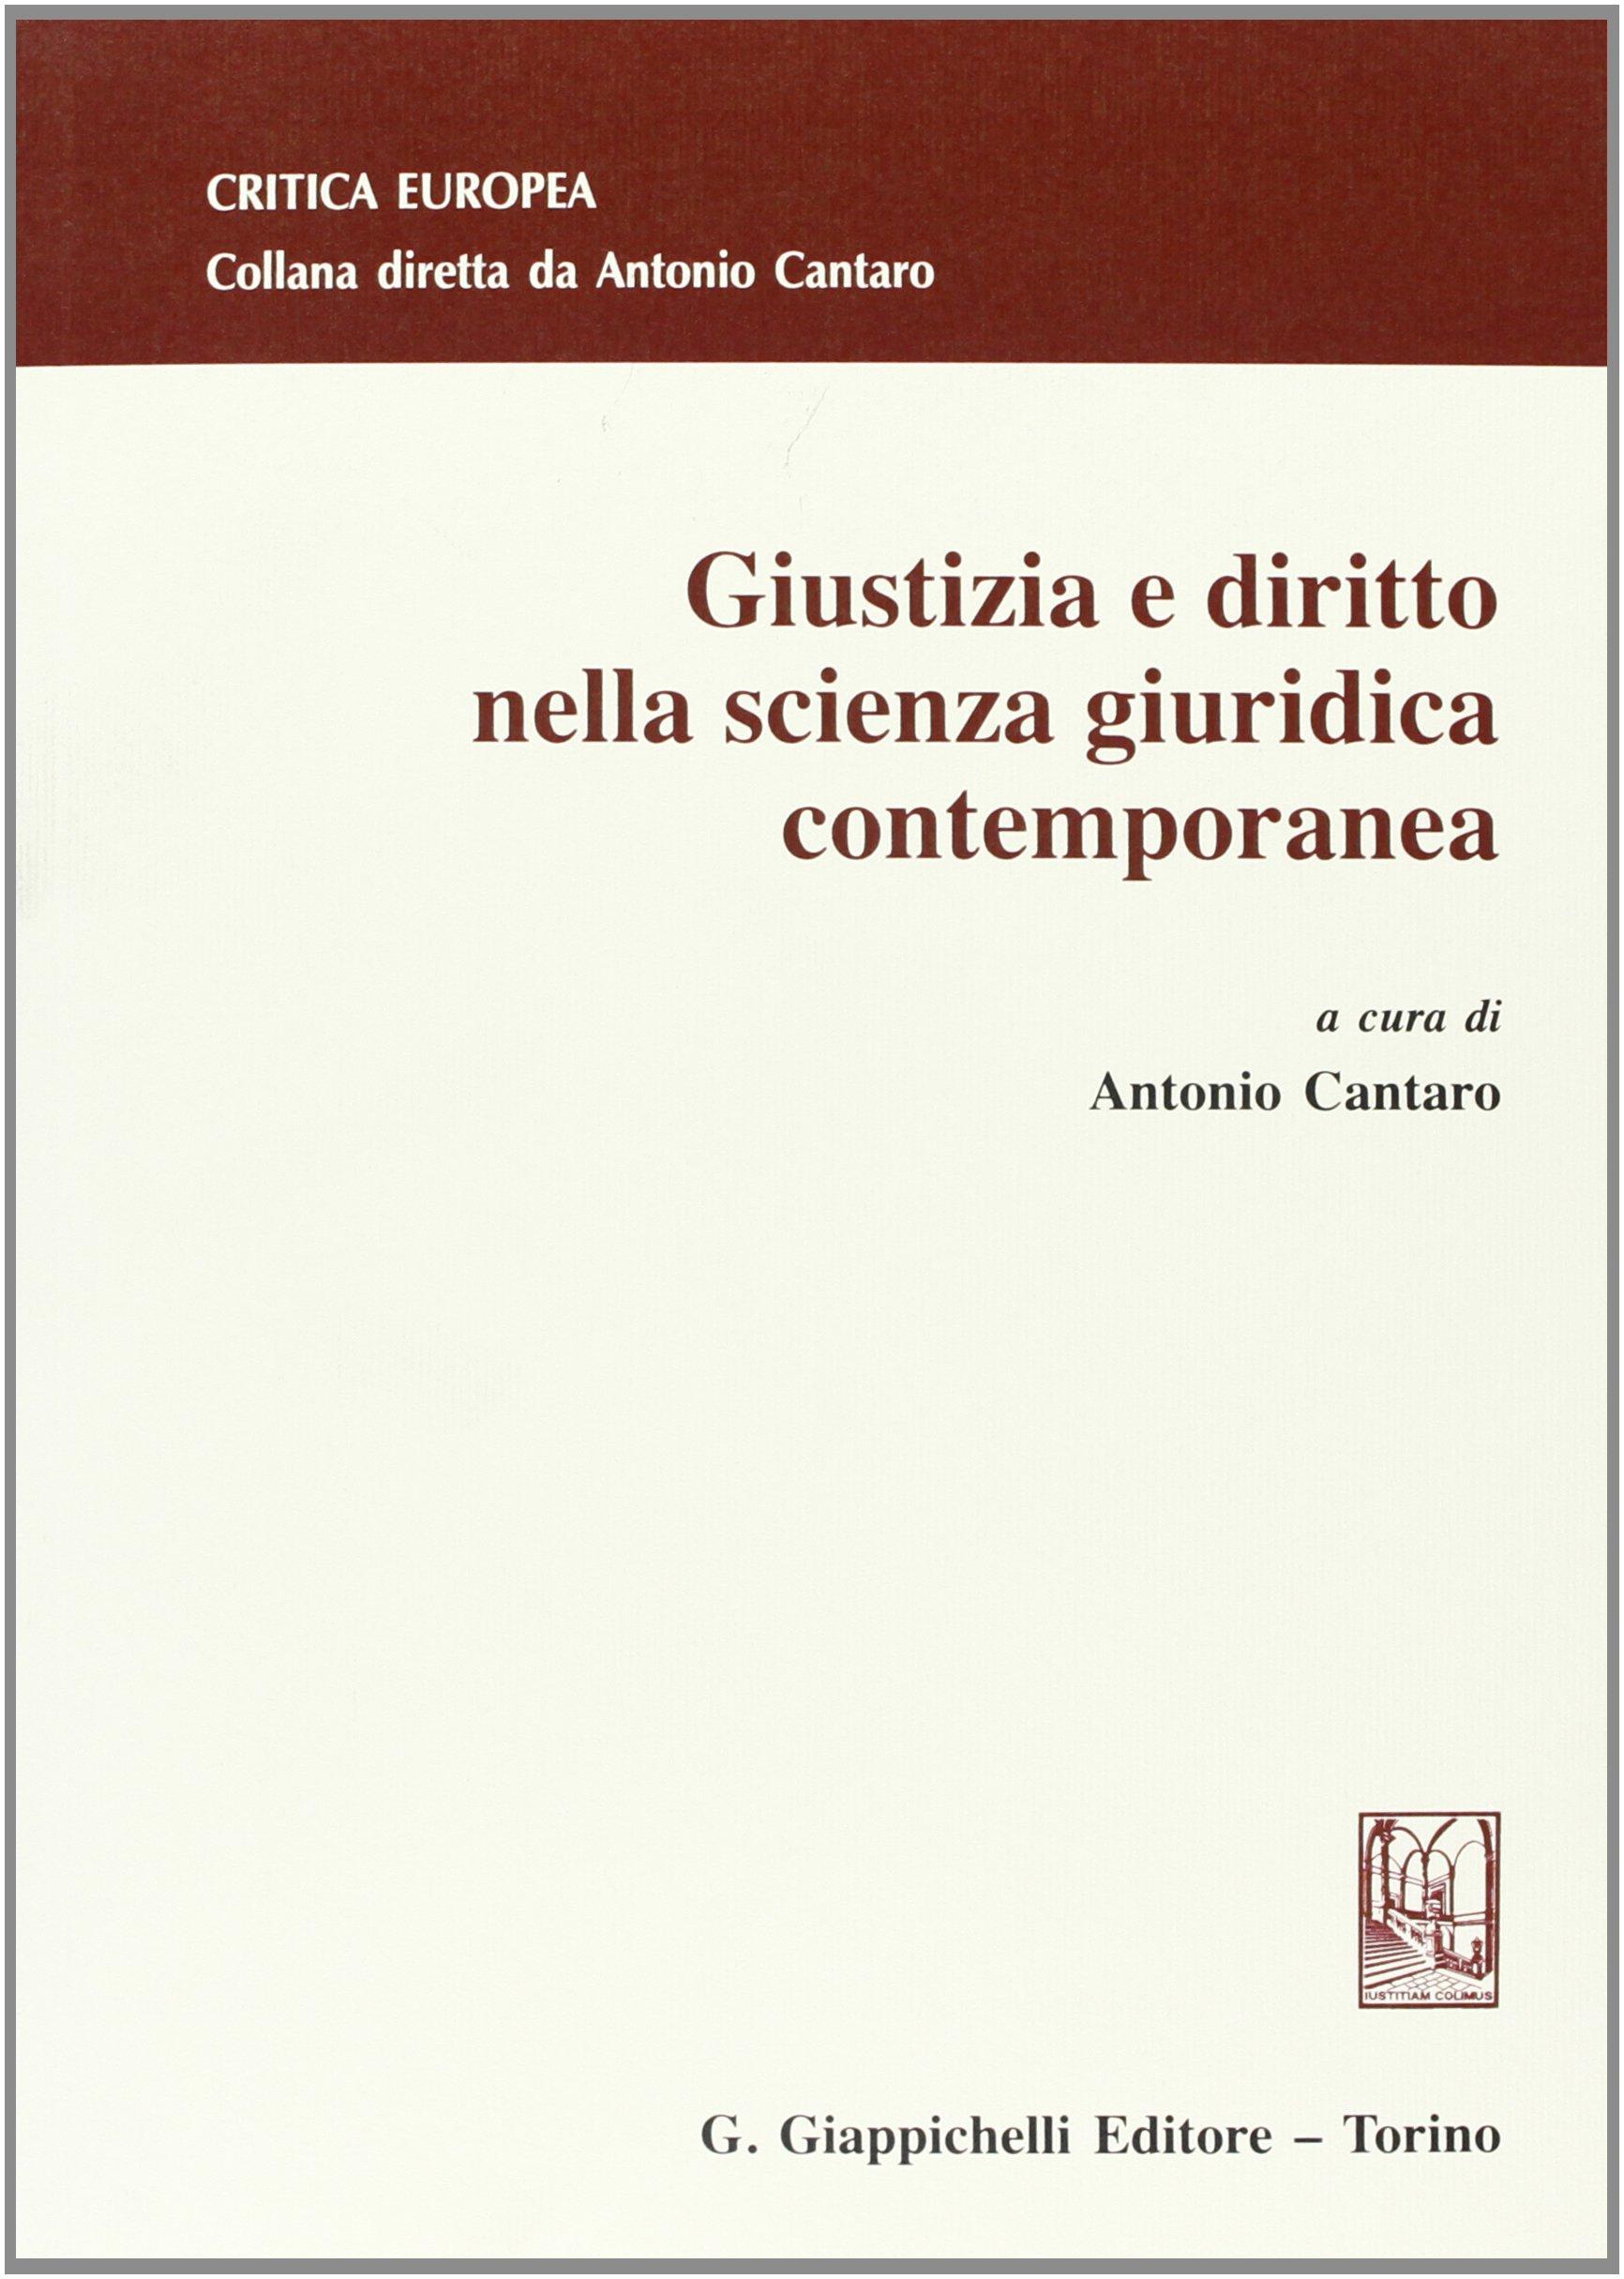 Giustizia e diritto nella scienza giuridica contemporanea